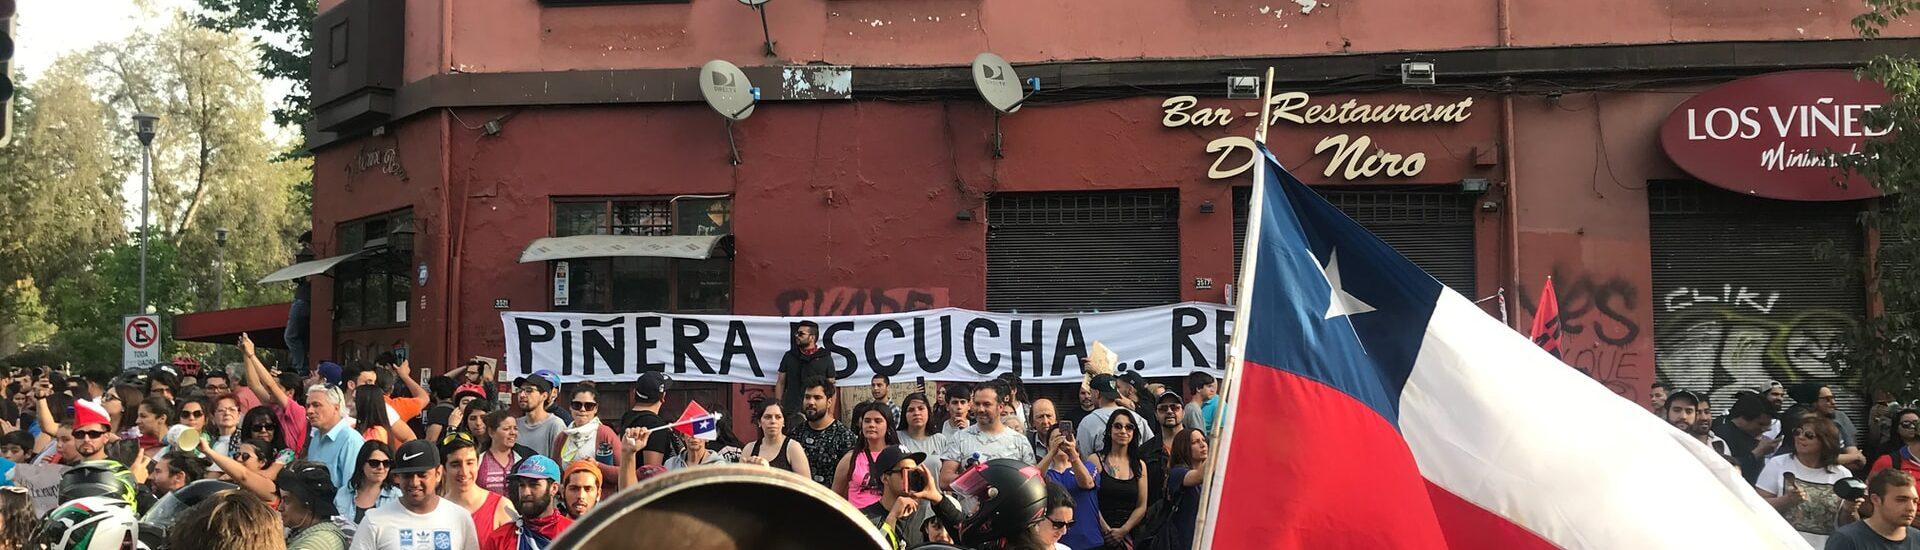 Χιλή: Kάτω ο Piñera